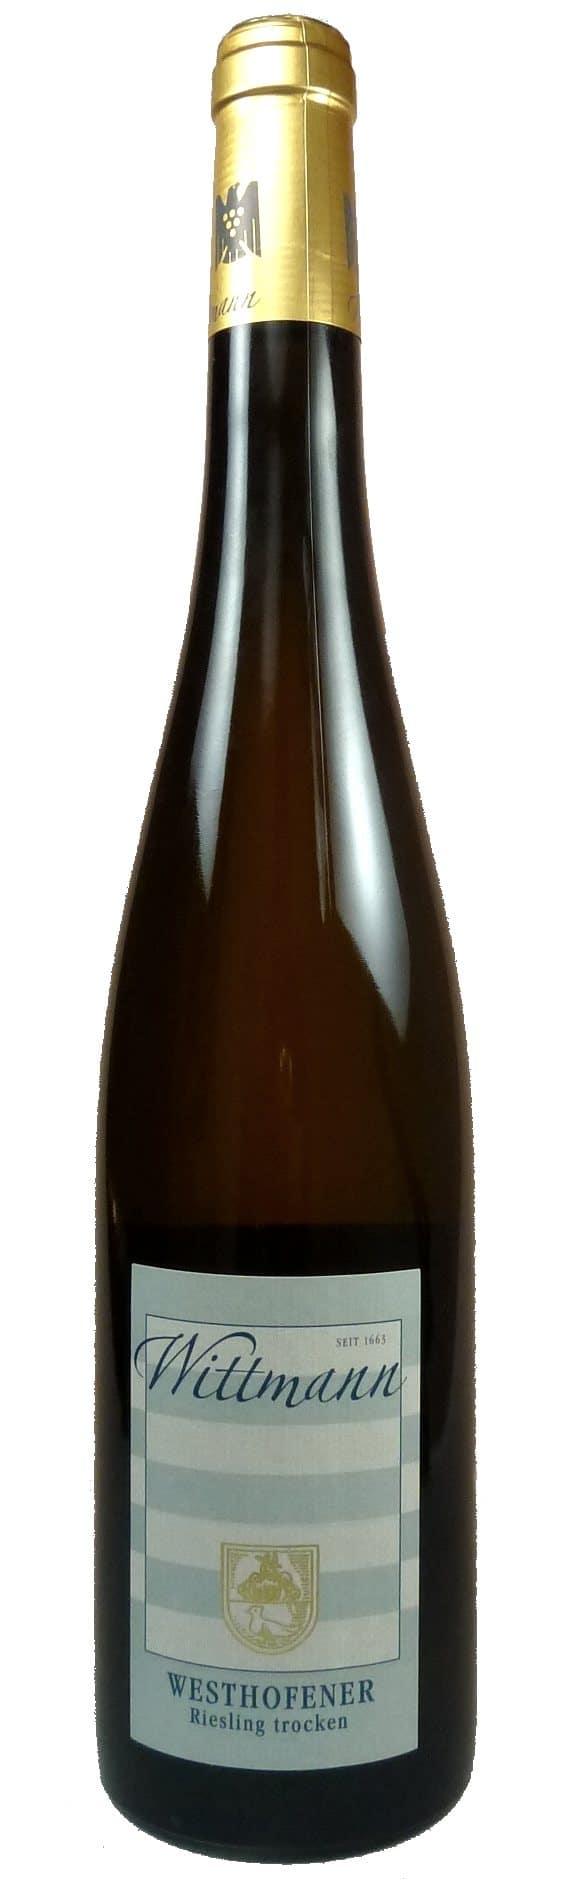 Westhofener Riesling Qualitätswein trocken bio 2016